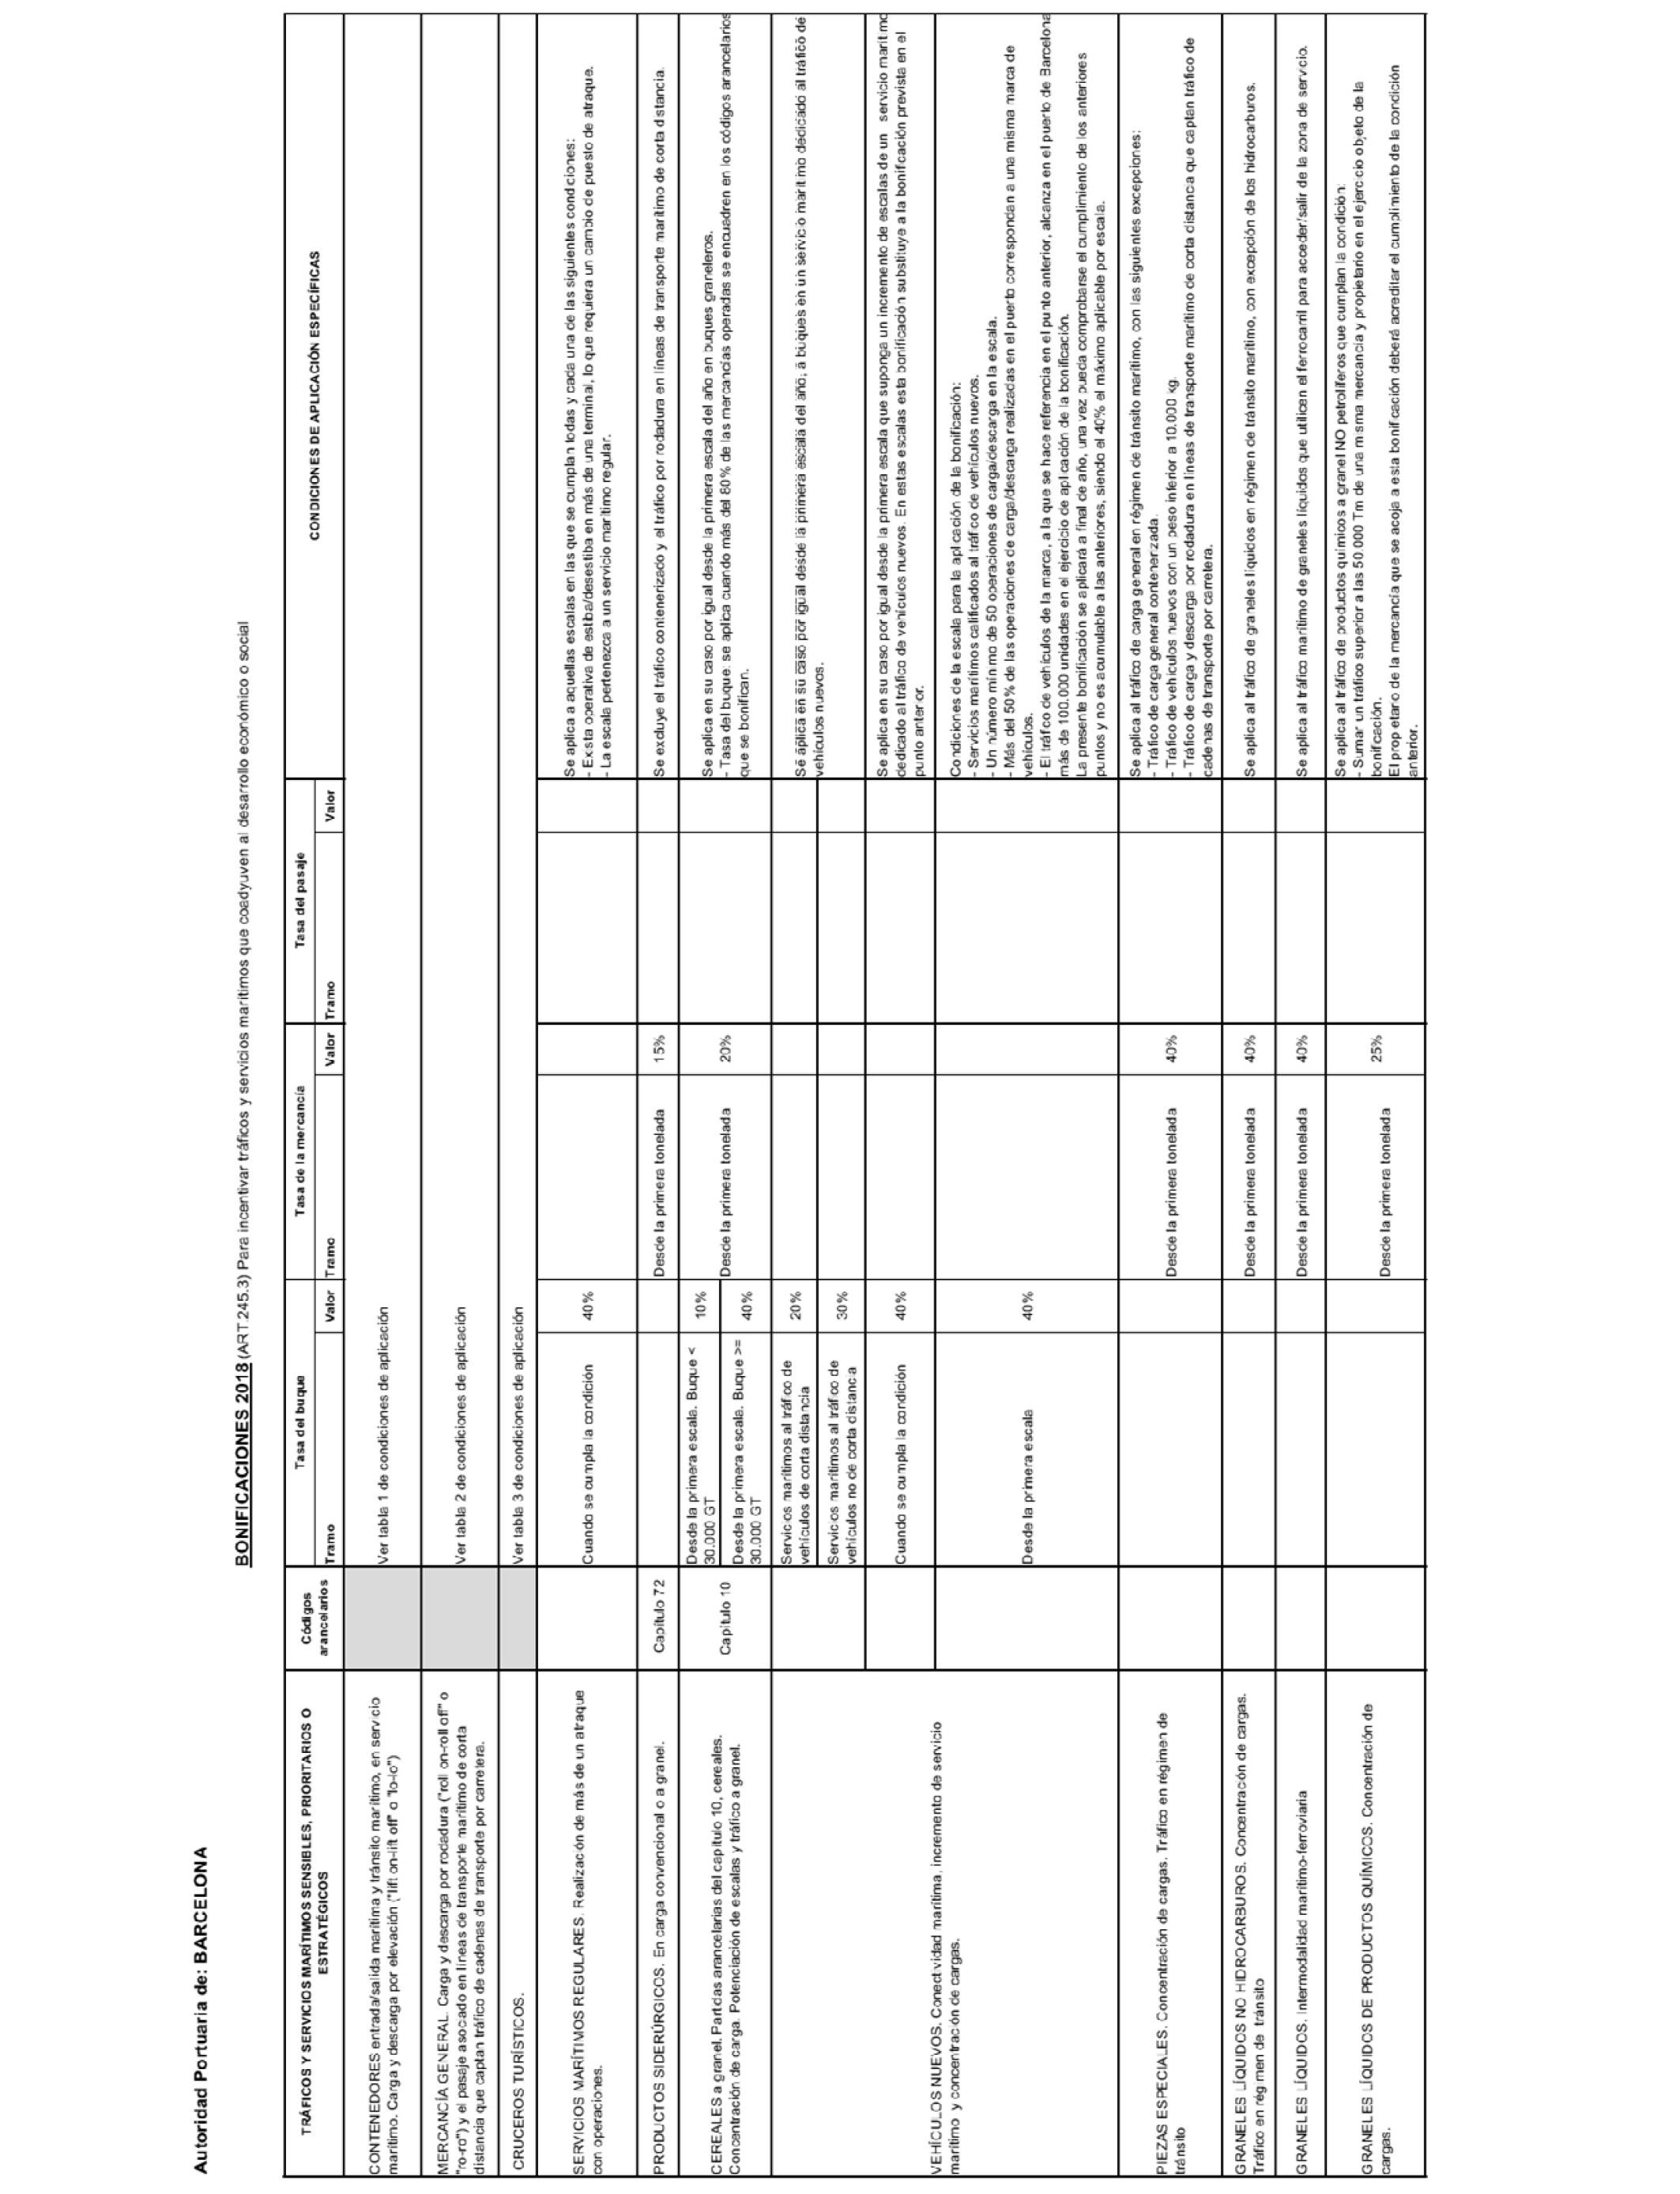 """Calendario Laboral Construccion Barcelona 2019 Más Recientes Boe Documento Consolidado Boe A 2018 9268 Of Calendario Laboral Construccion Barcelona 2019 Recientes Calendario Laboral M""""stoles 2018 ▷ ¡descárgalo Gratis"""